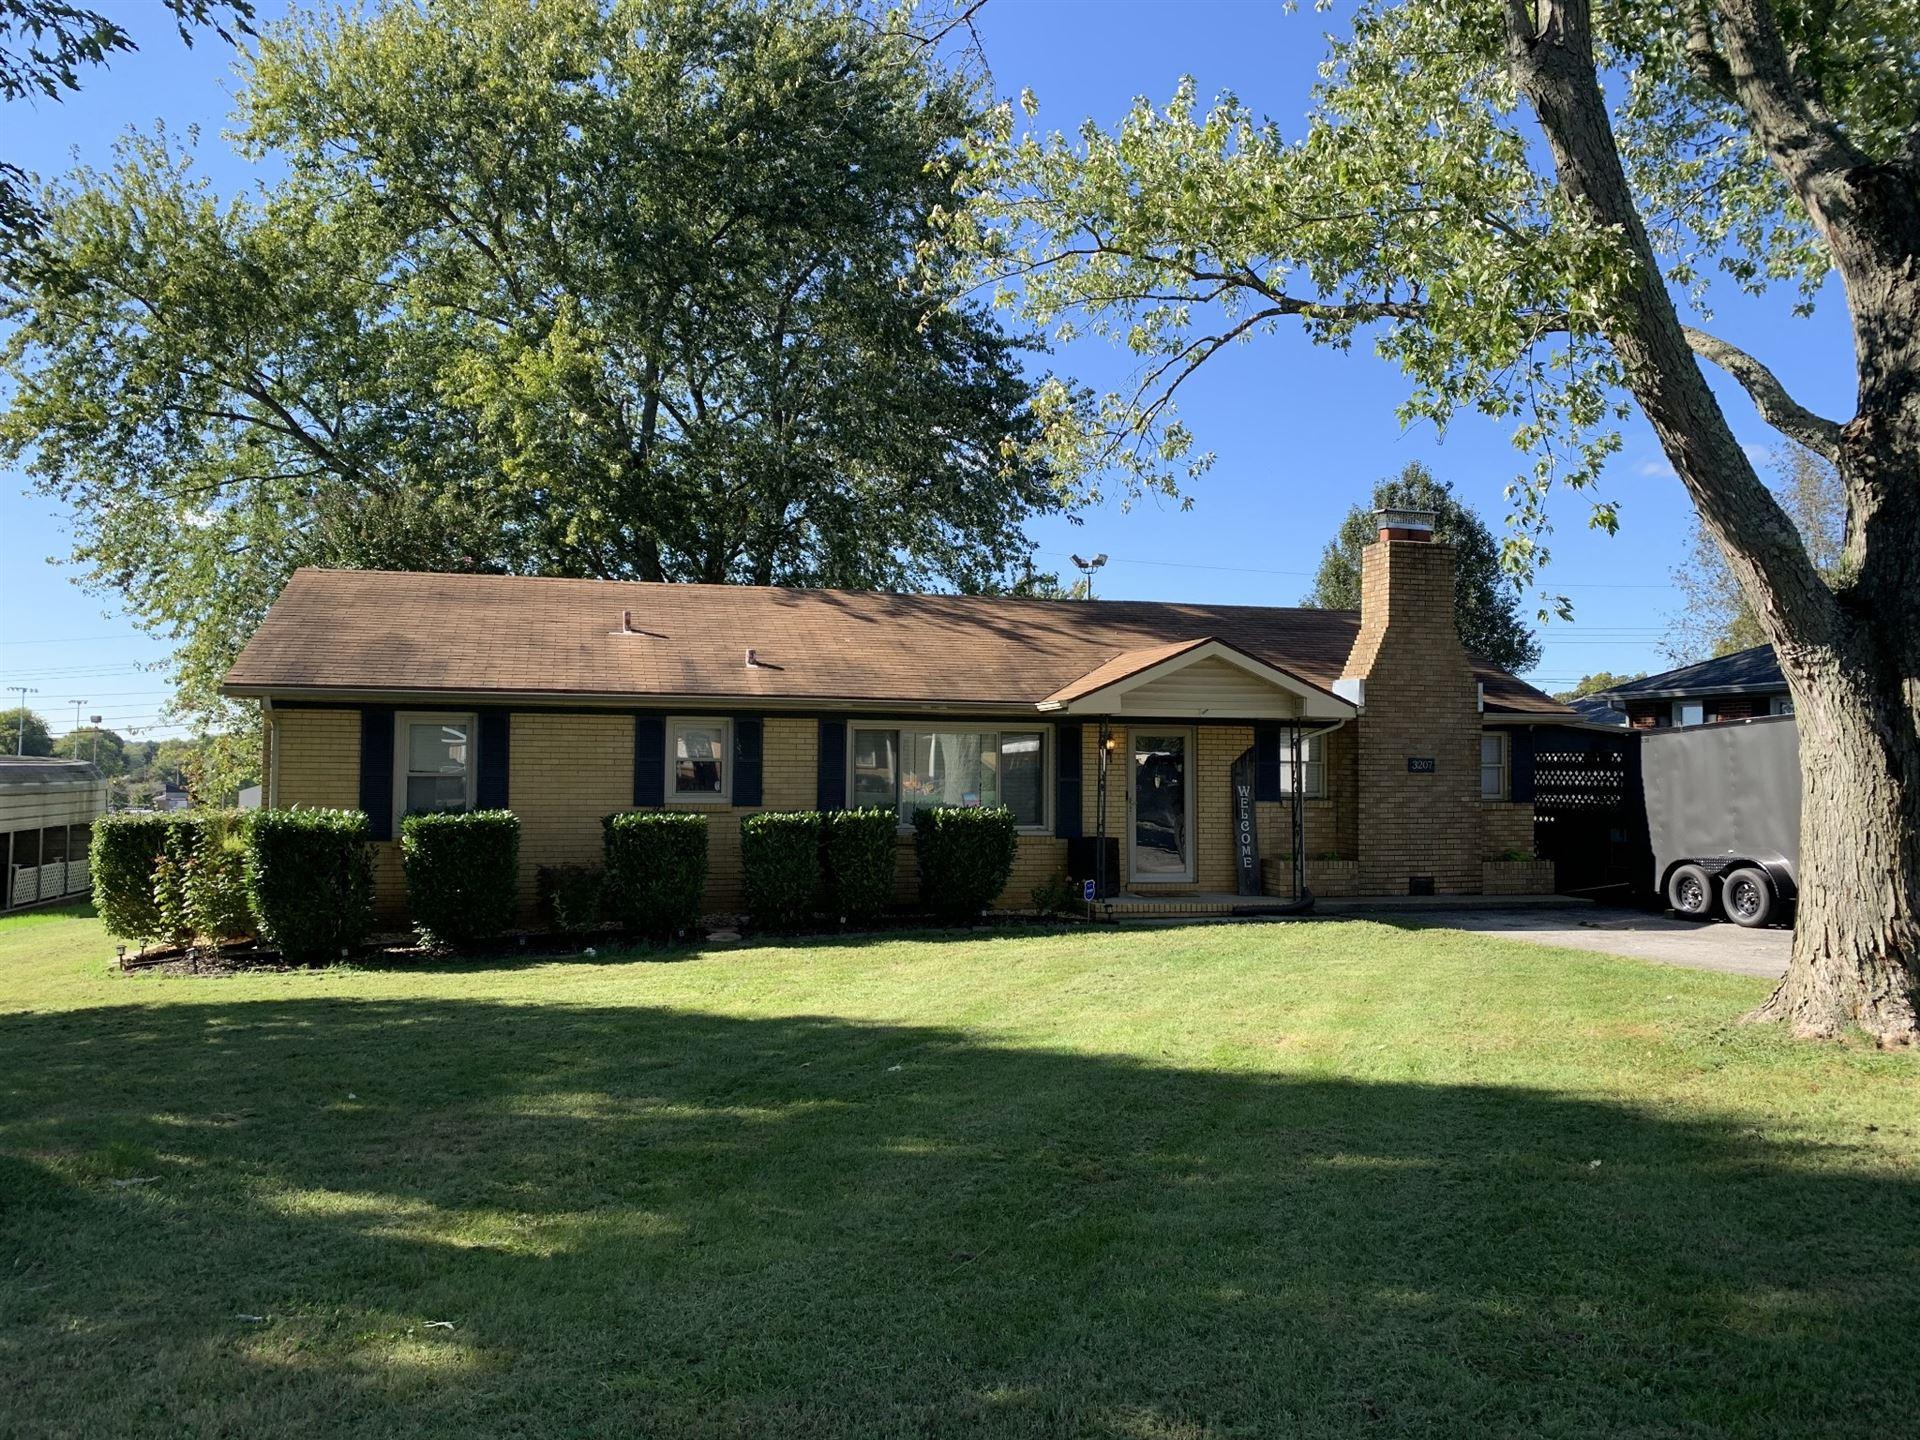 3207 Greenwood Dr, Hopkinsville, KY 42240 - MLS#: 2299725